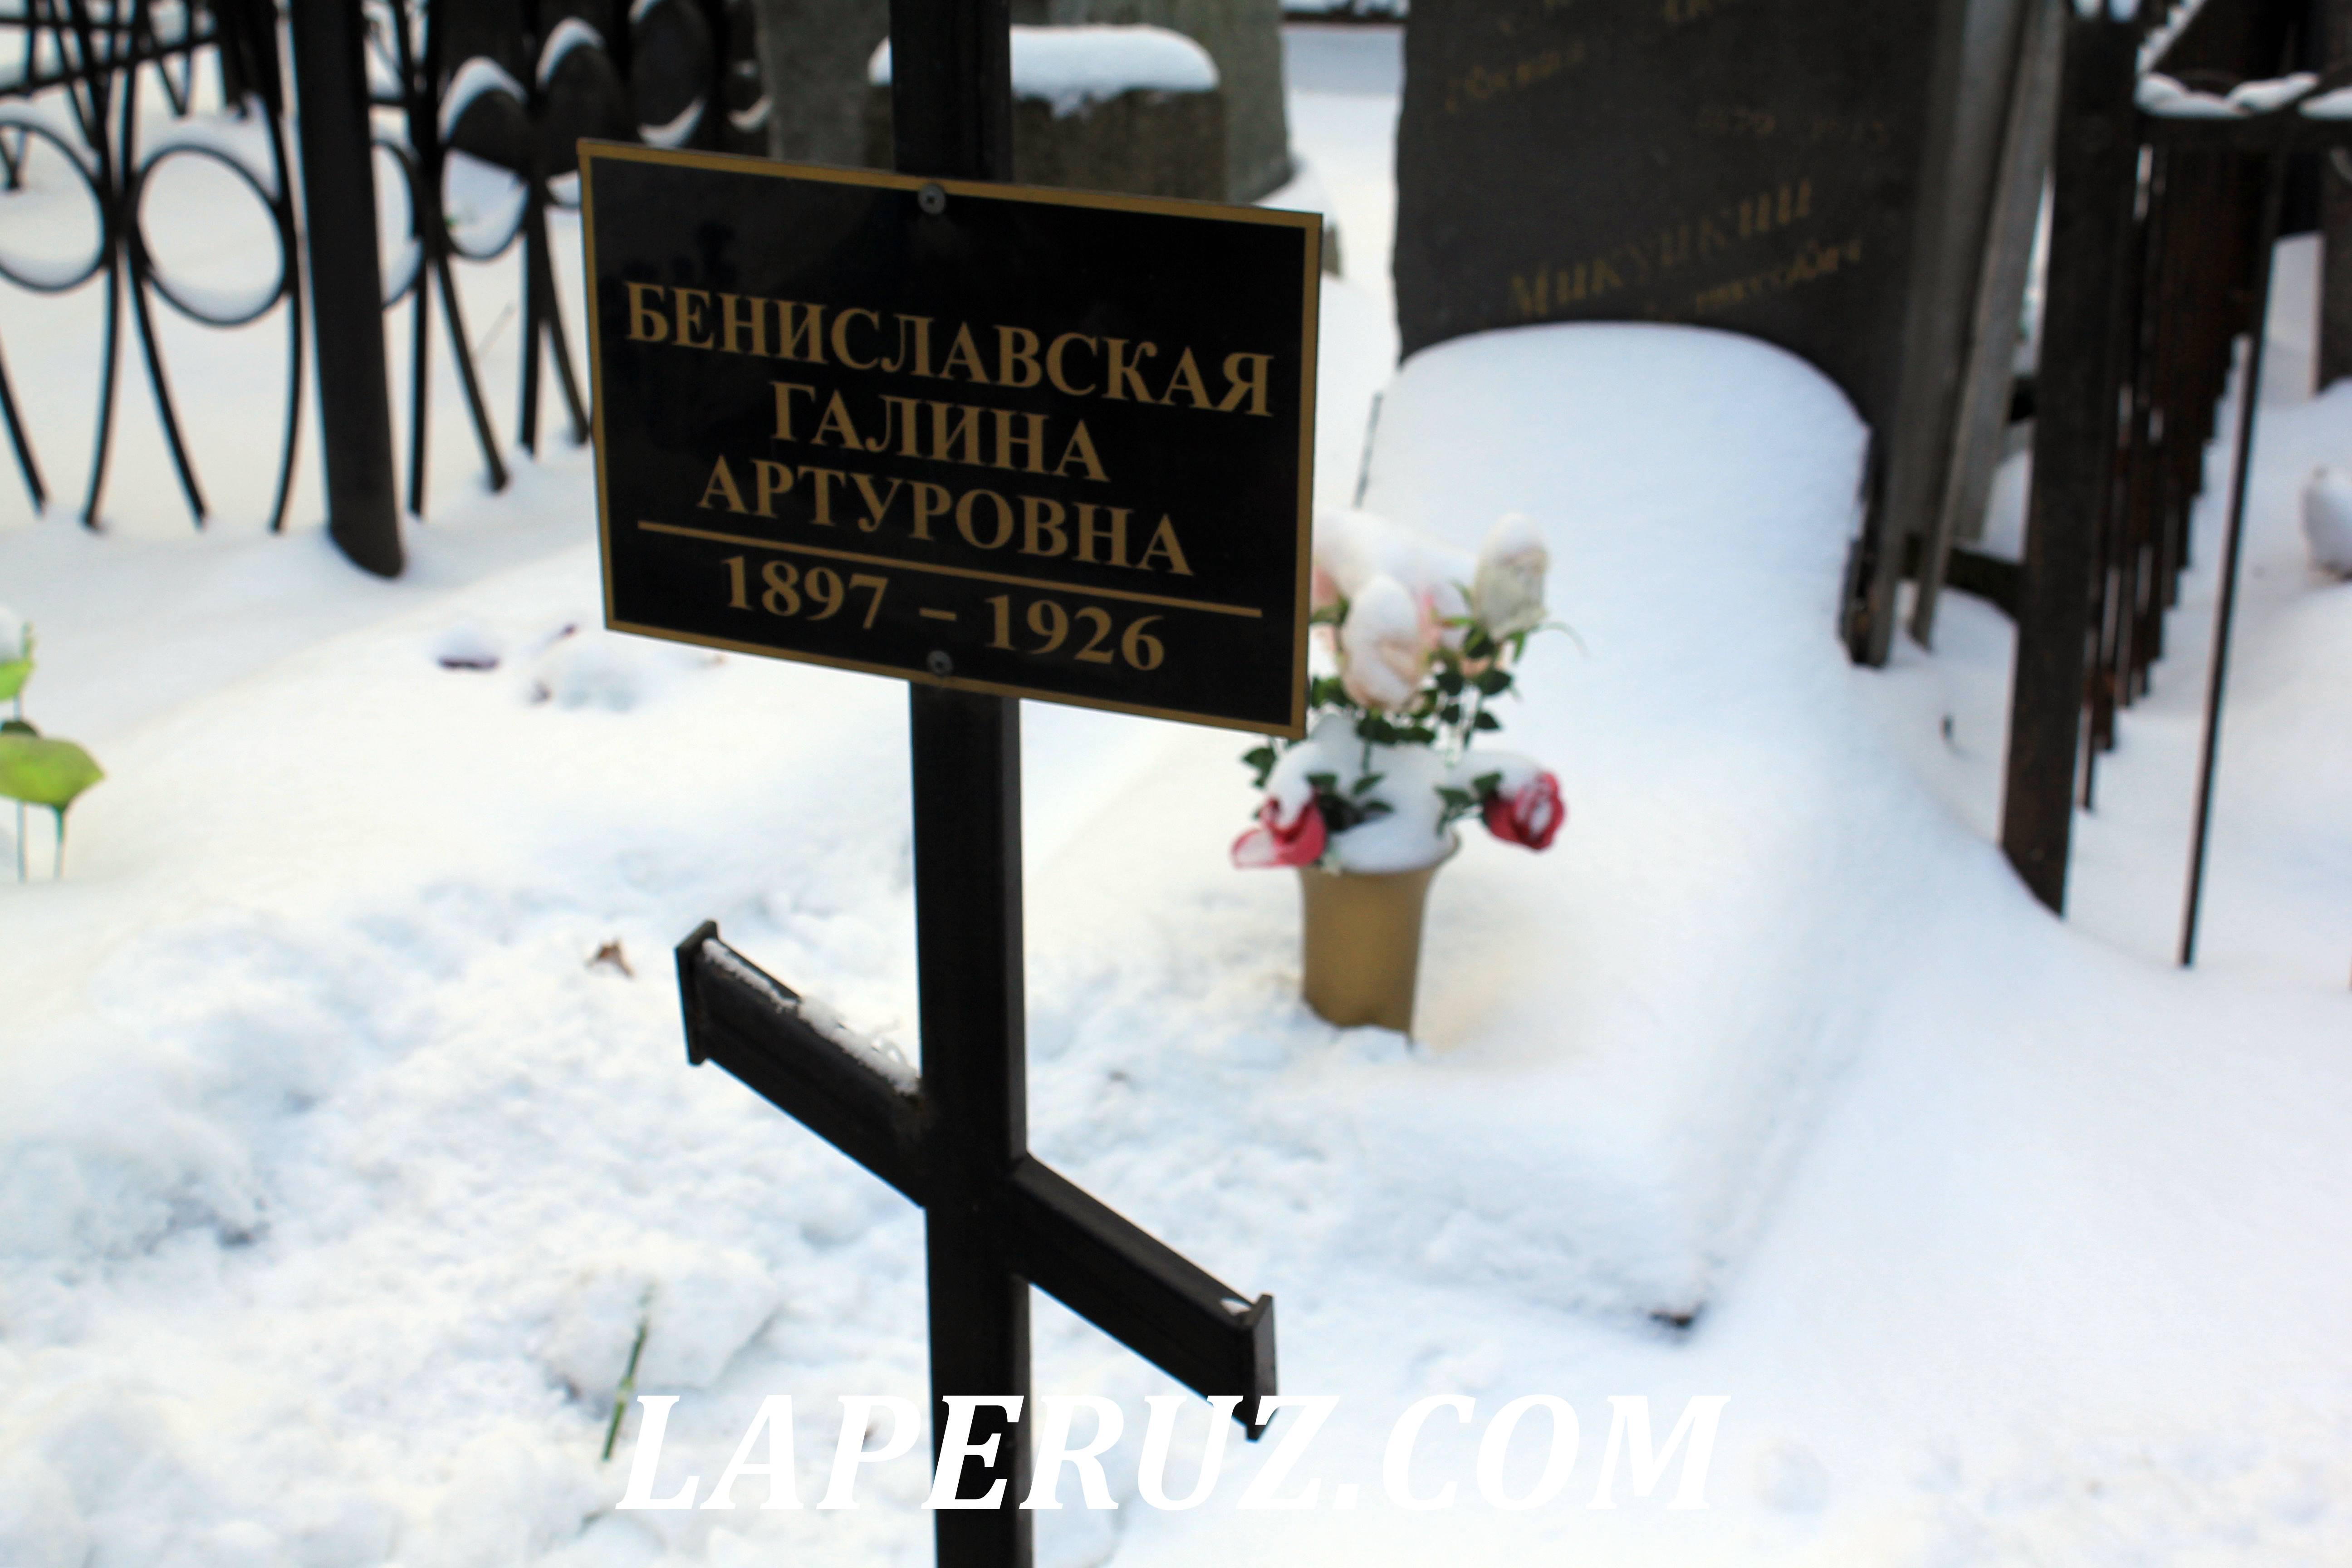 benislavskaya_vagankovskoe_kladbische_moskva_2